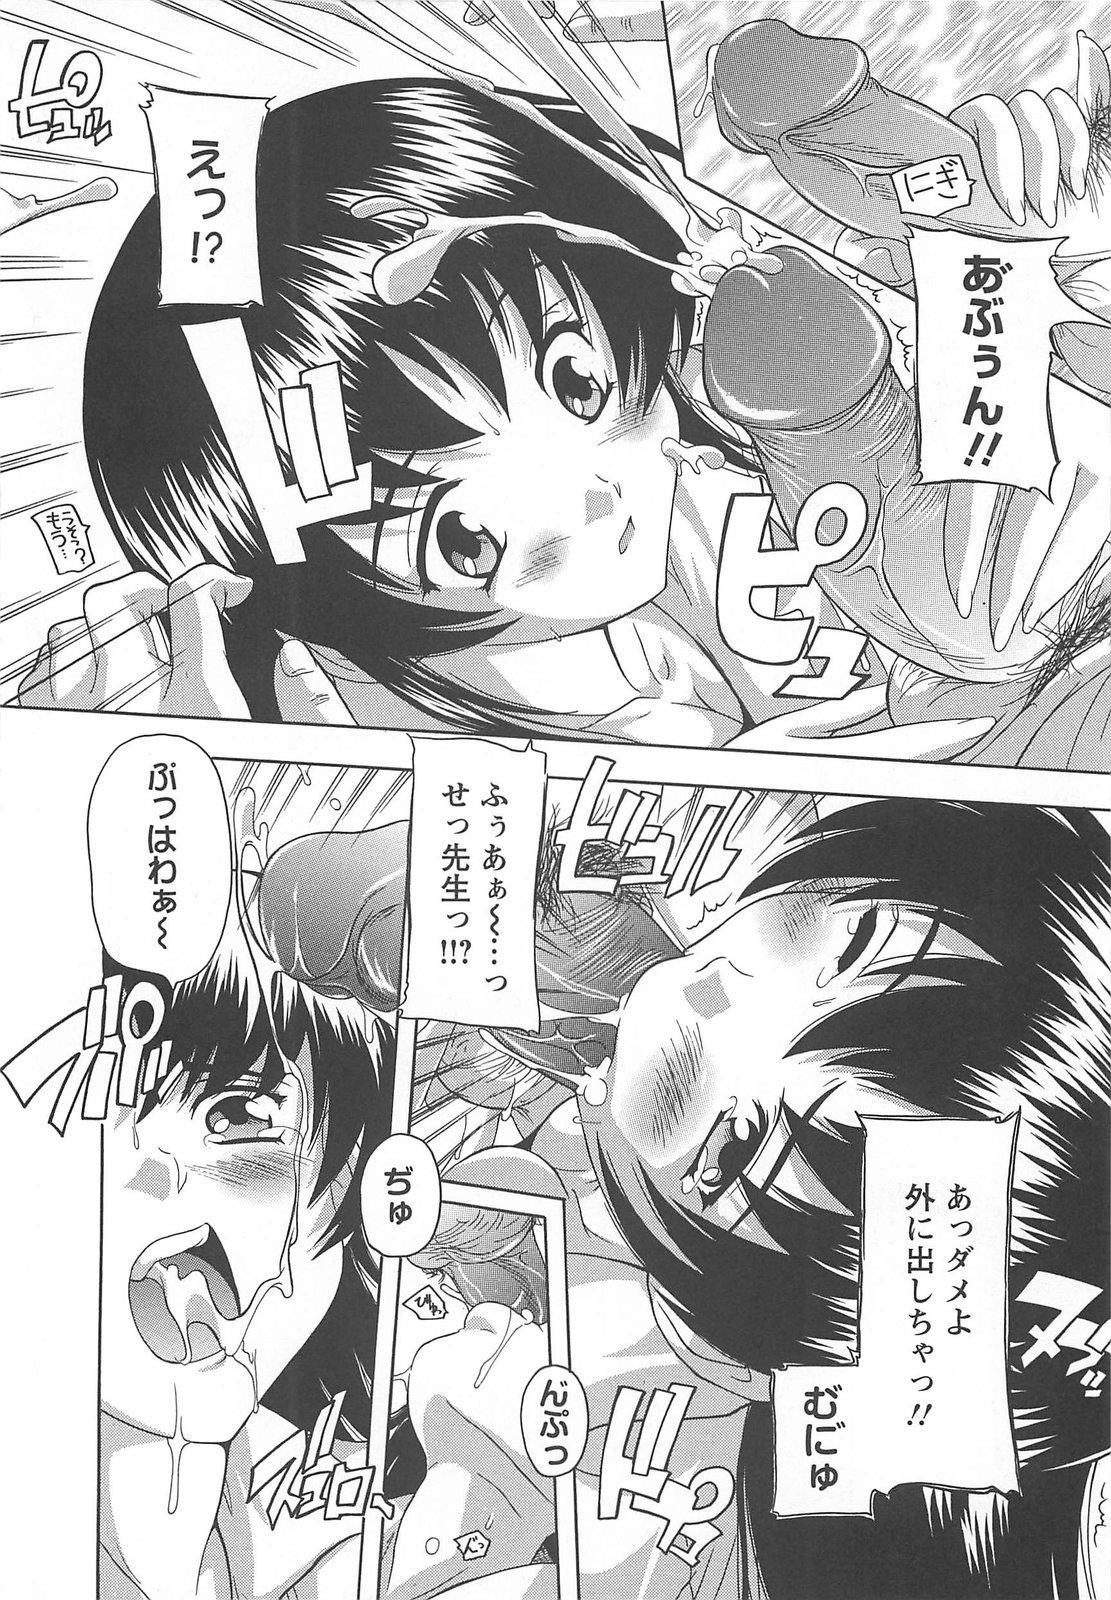 Joshikou Seikatsu! 108